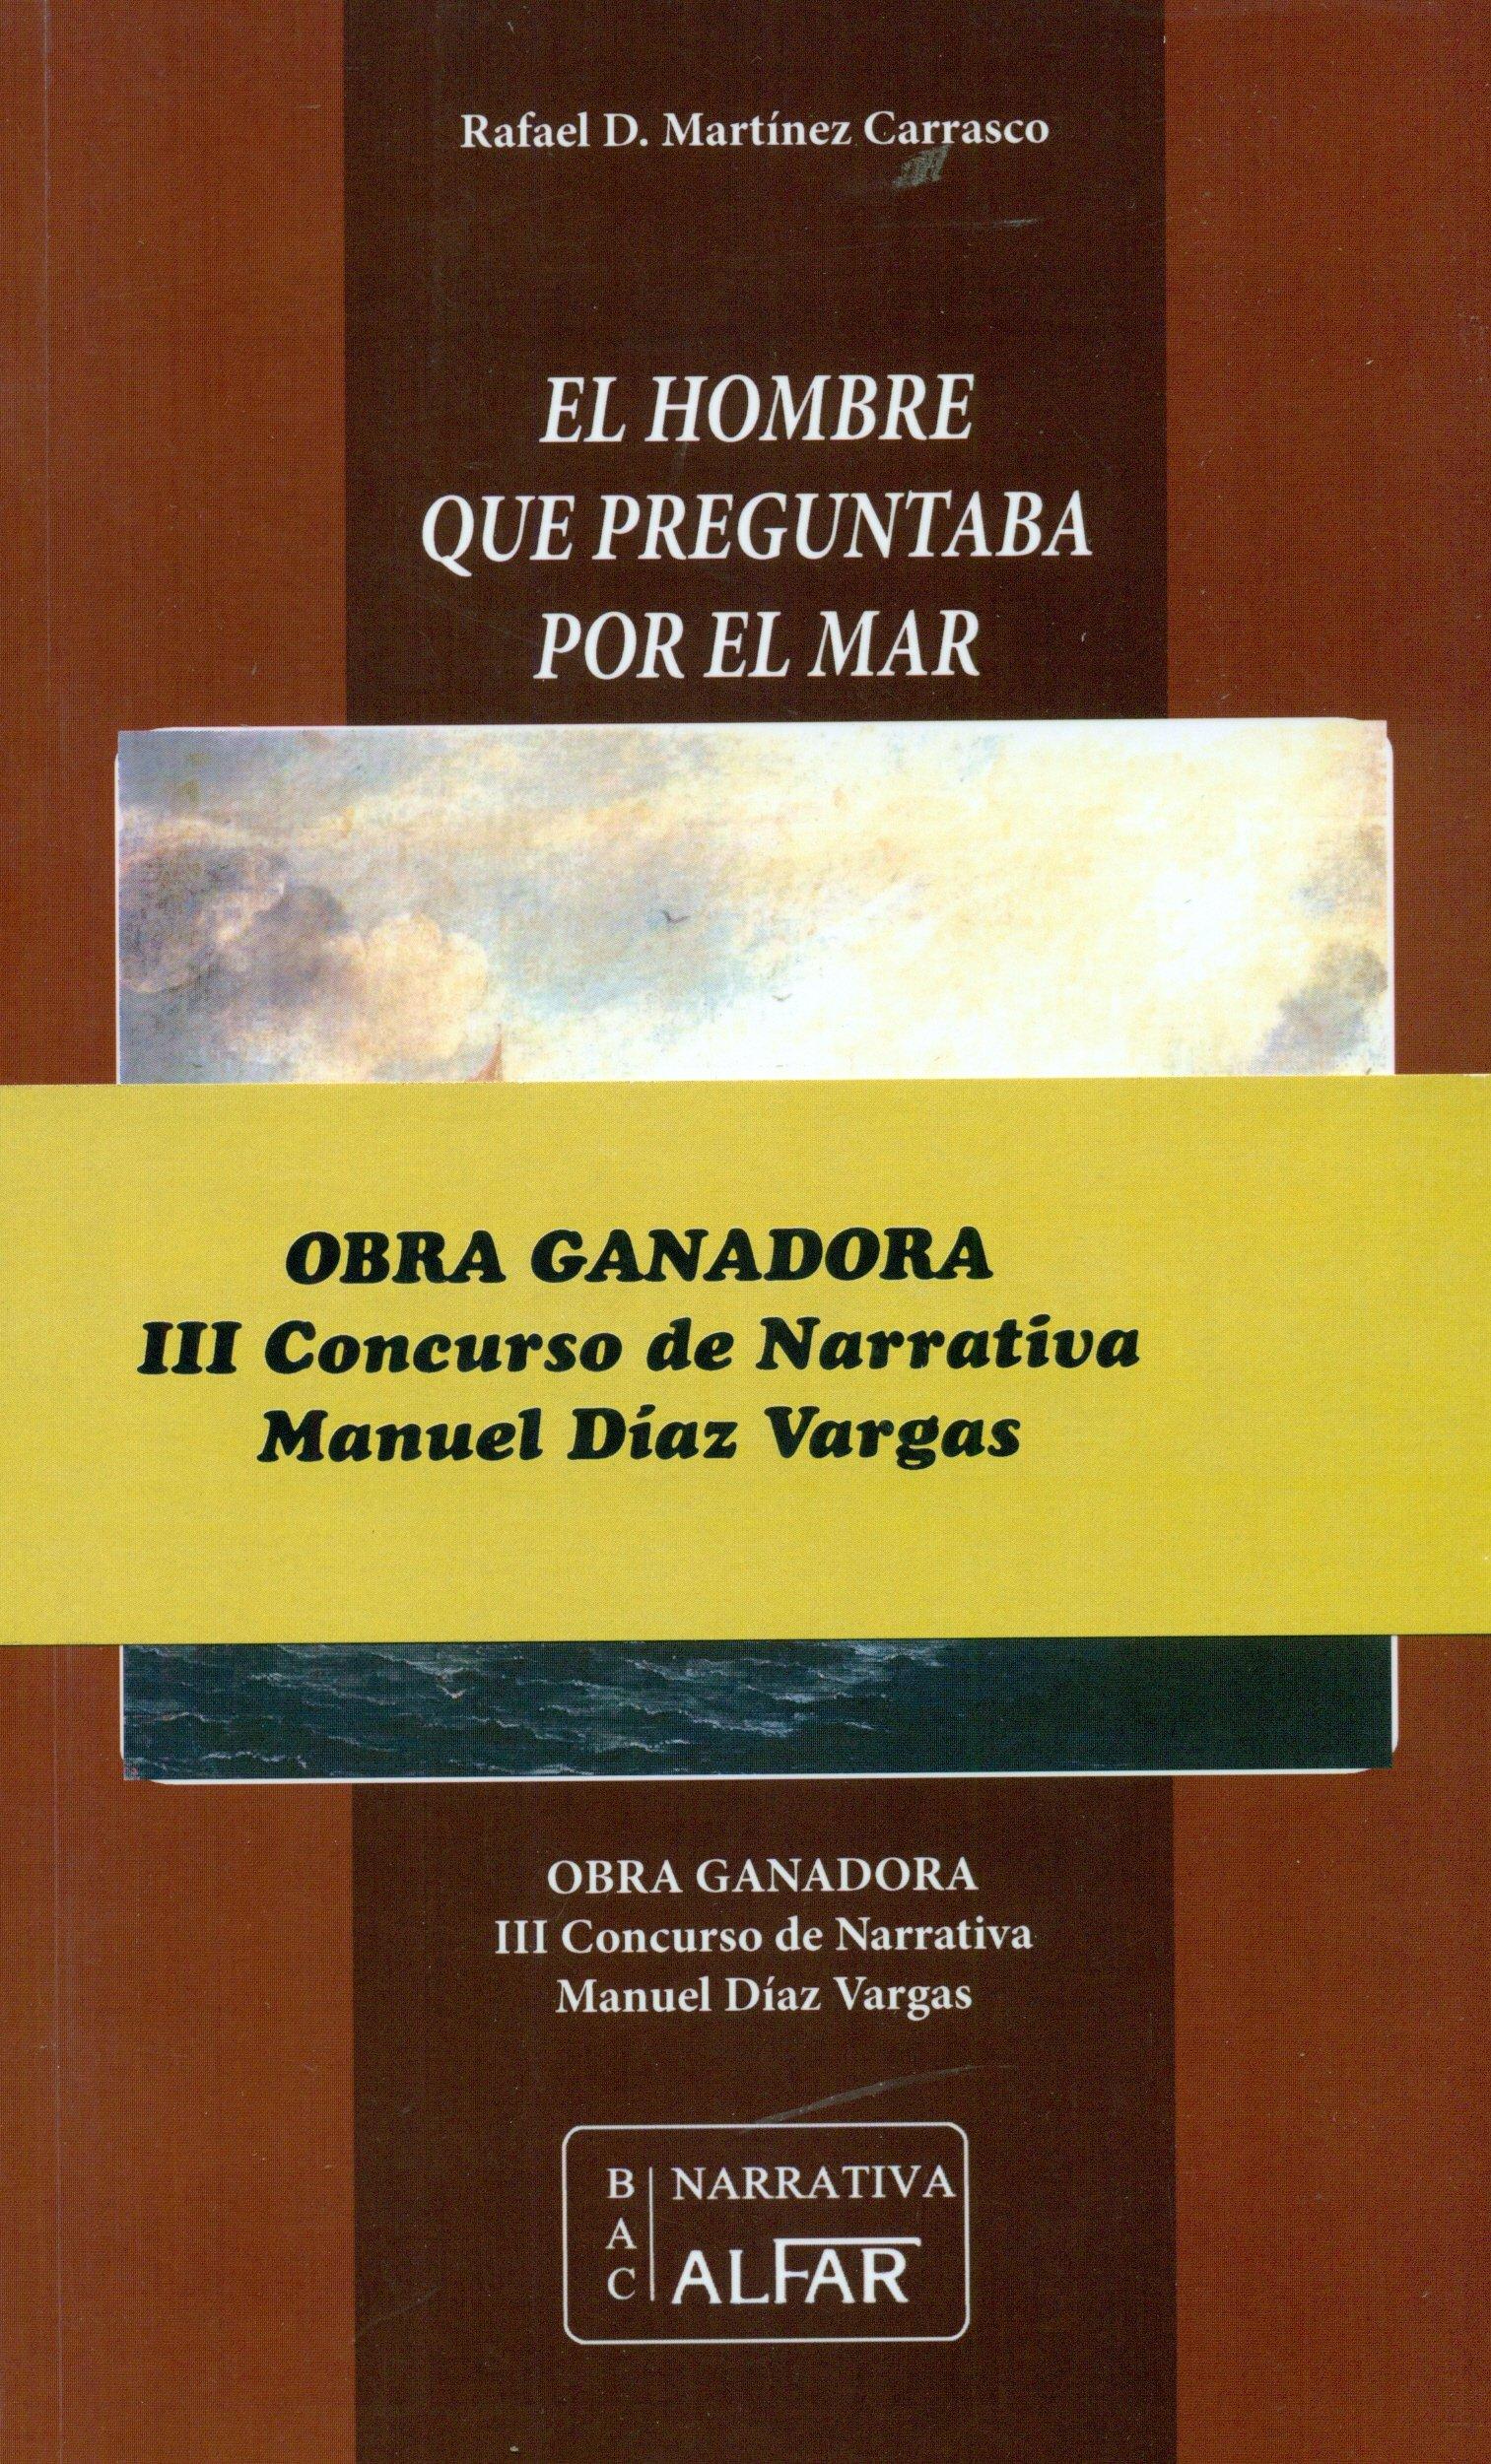 Hombre que preguntaba por el mar,El Biblioteca de Autores Contemporáneos: Amazon.es: Rafael D. Martínez Carrasco: Libros